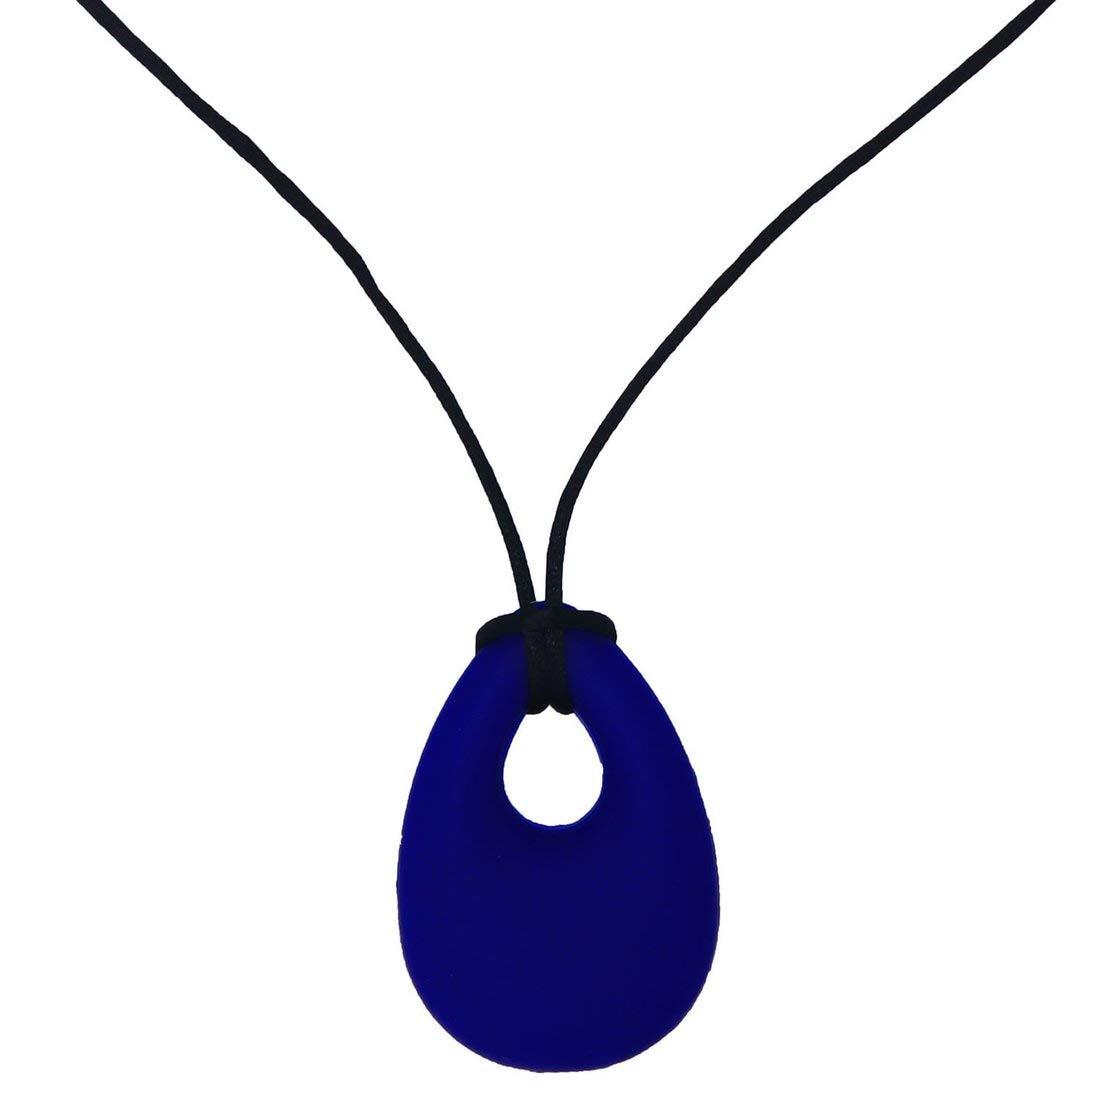 Azul marino Masticador de silicona Collar Mordedor Juguetes ADHD SPD Autismo y motor oral Necesidades especiales Ni/ños Masaje con puntos Palillo masticable con textura